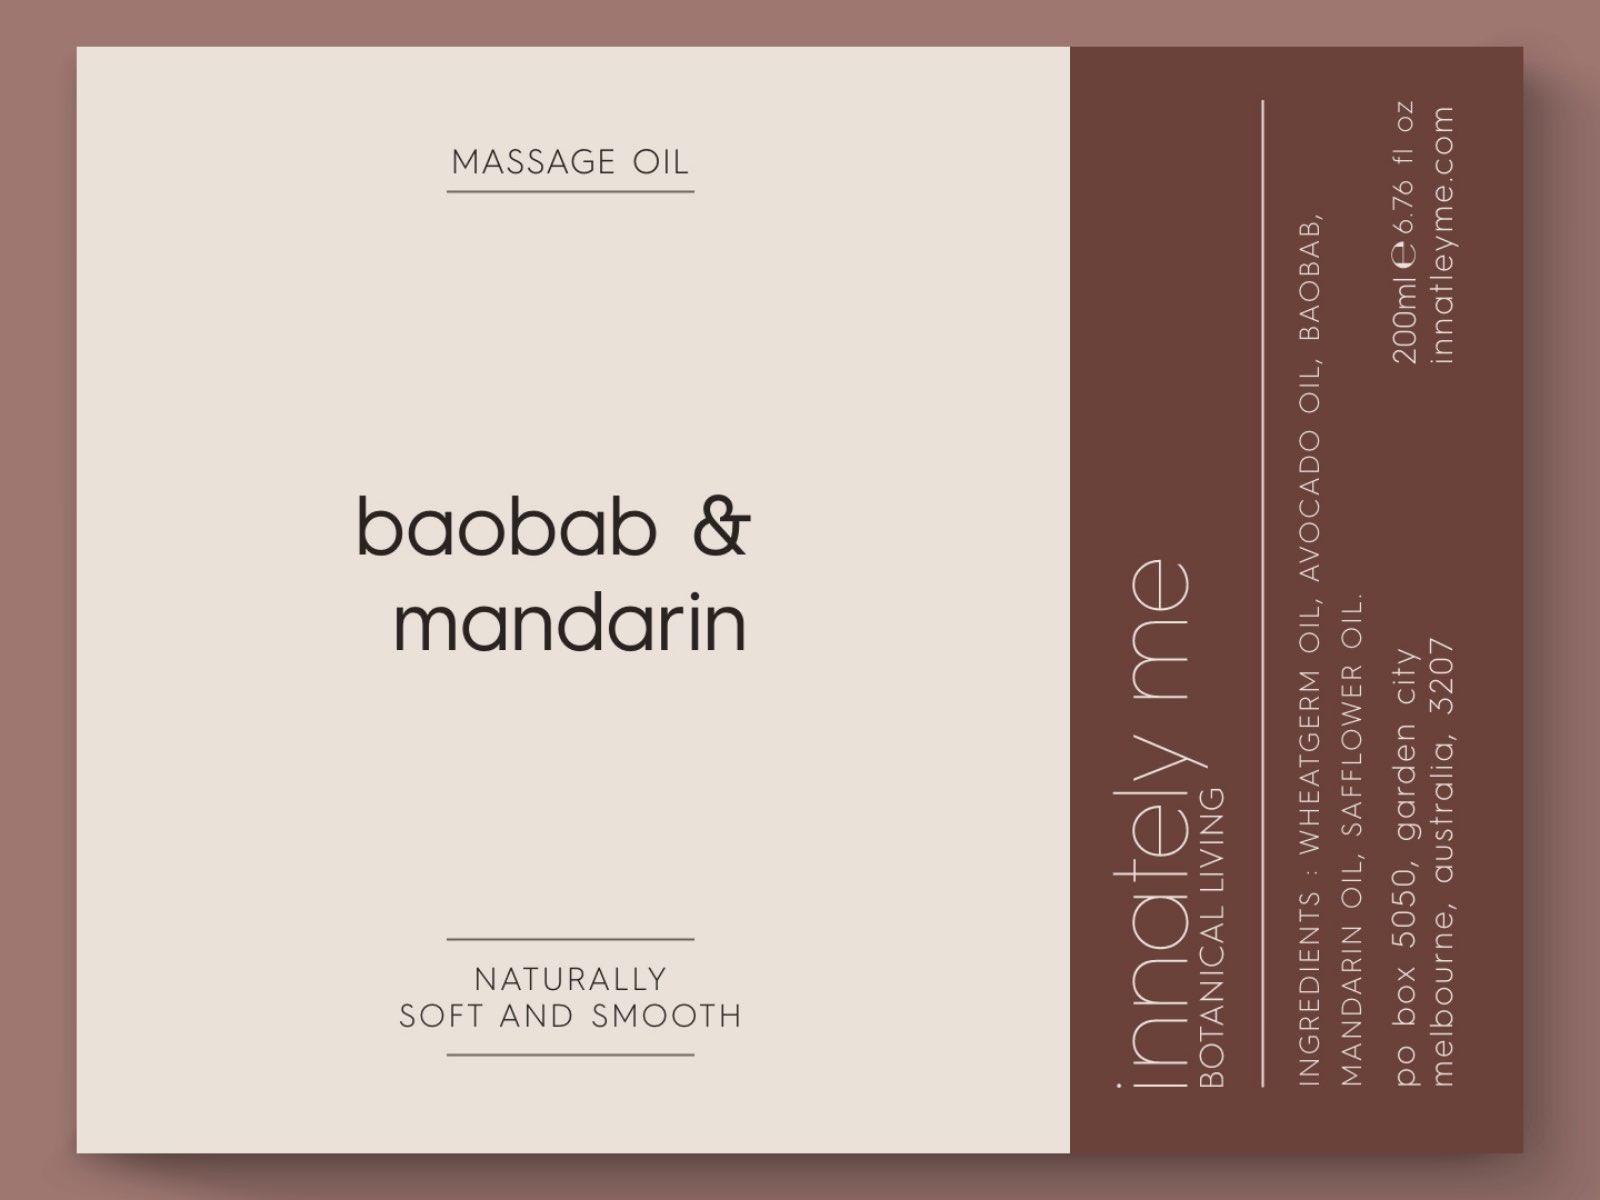 Baobab mandarin label design